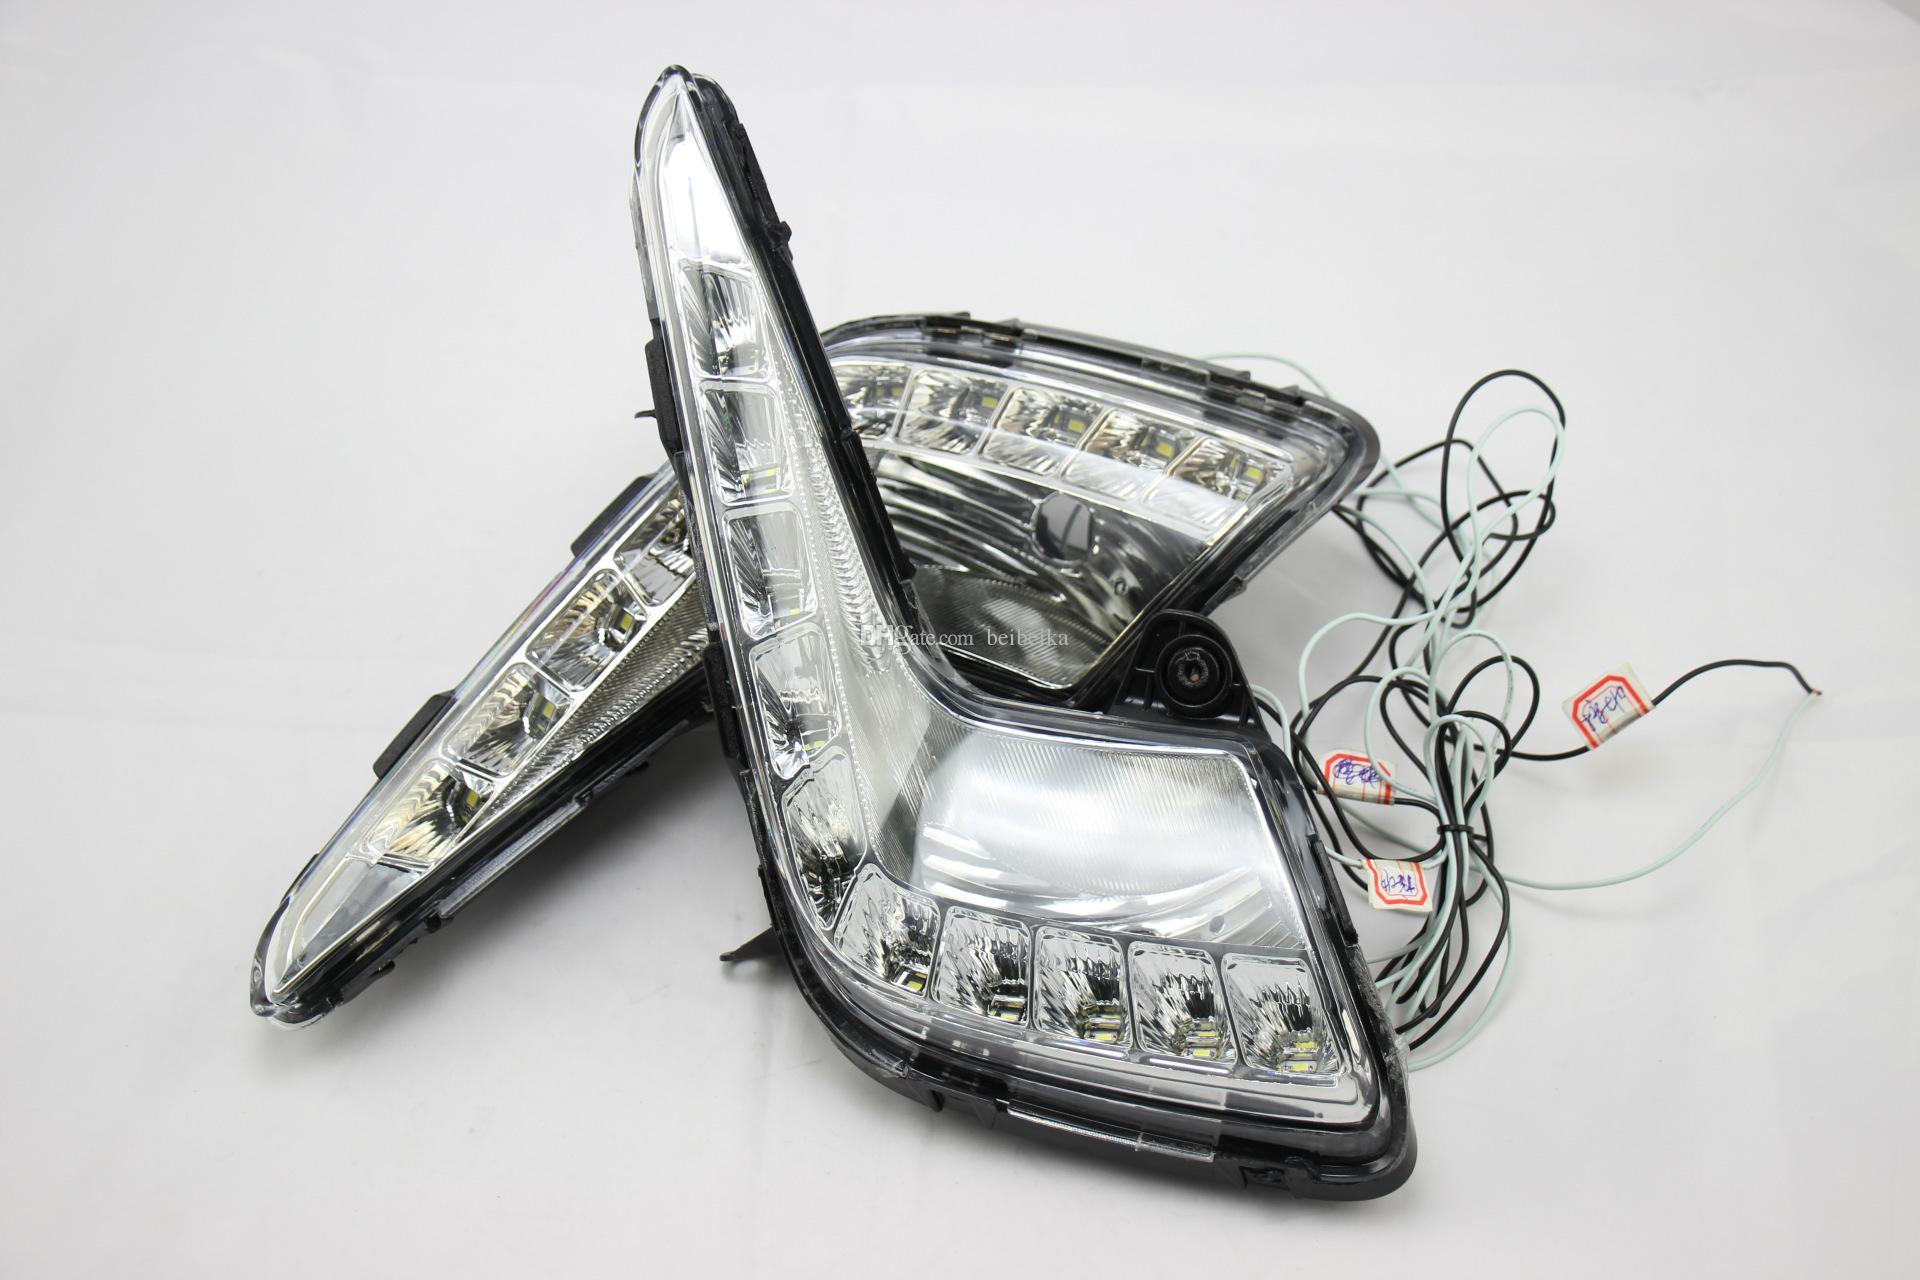 Auto-Tech 10-LED Feux de jour, assemblage de phares anti-brouillard de voiture kit LED blanc DRL Pour 2011-2013 KIA K2 RIO